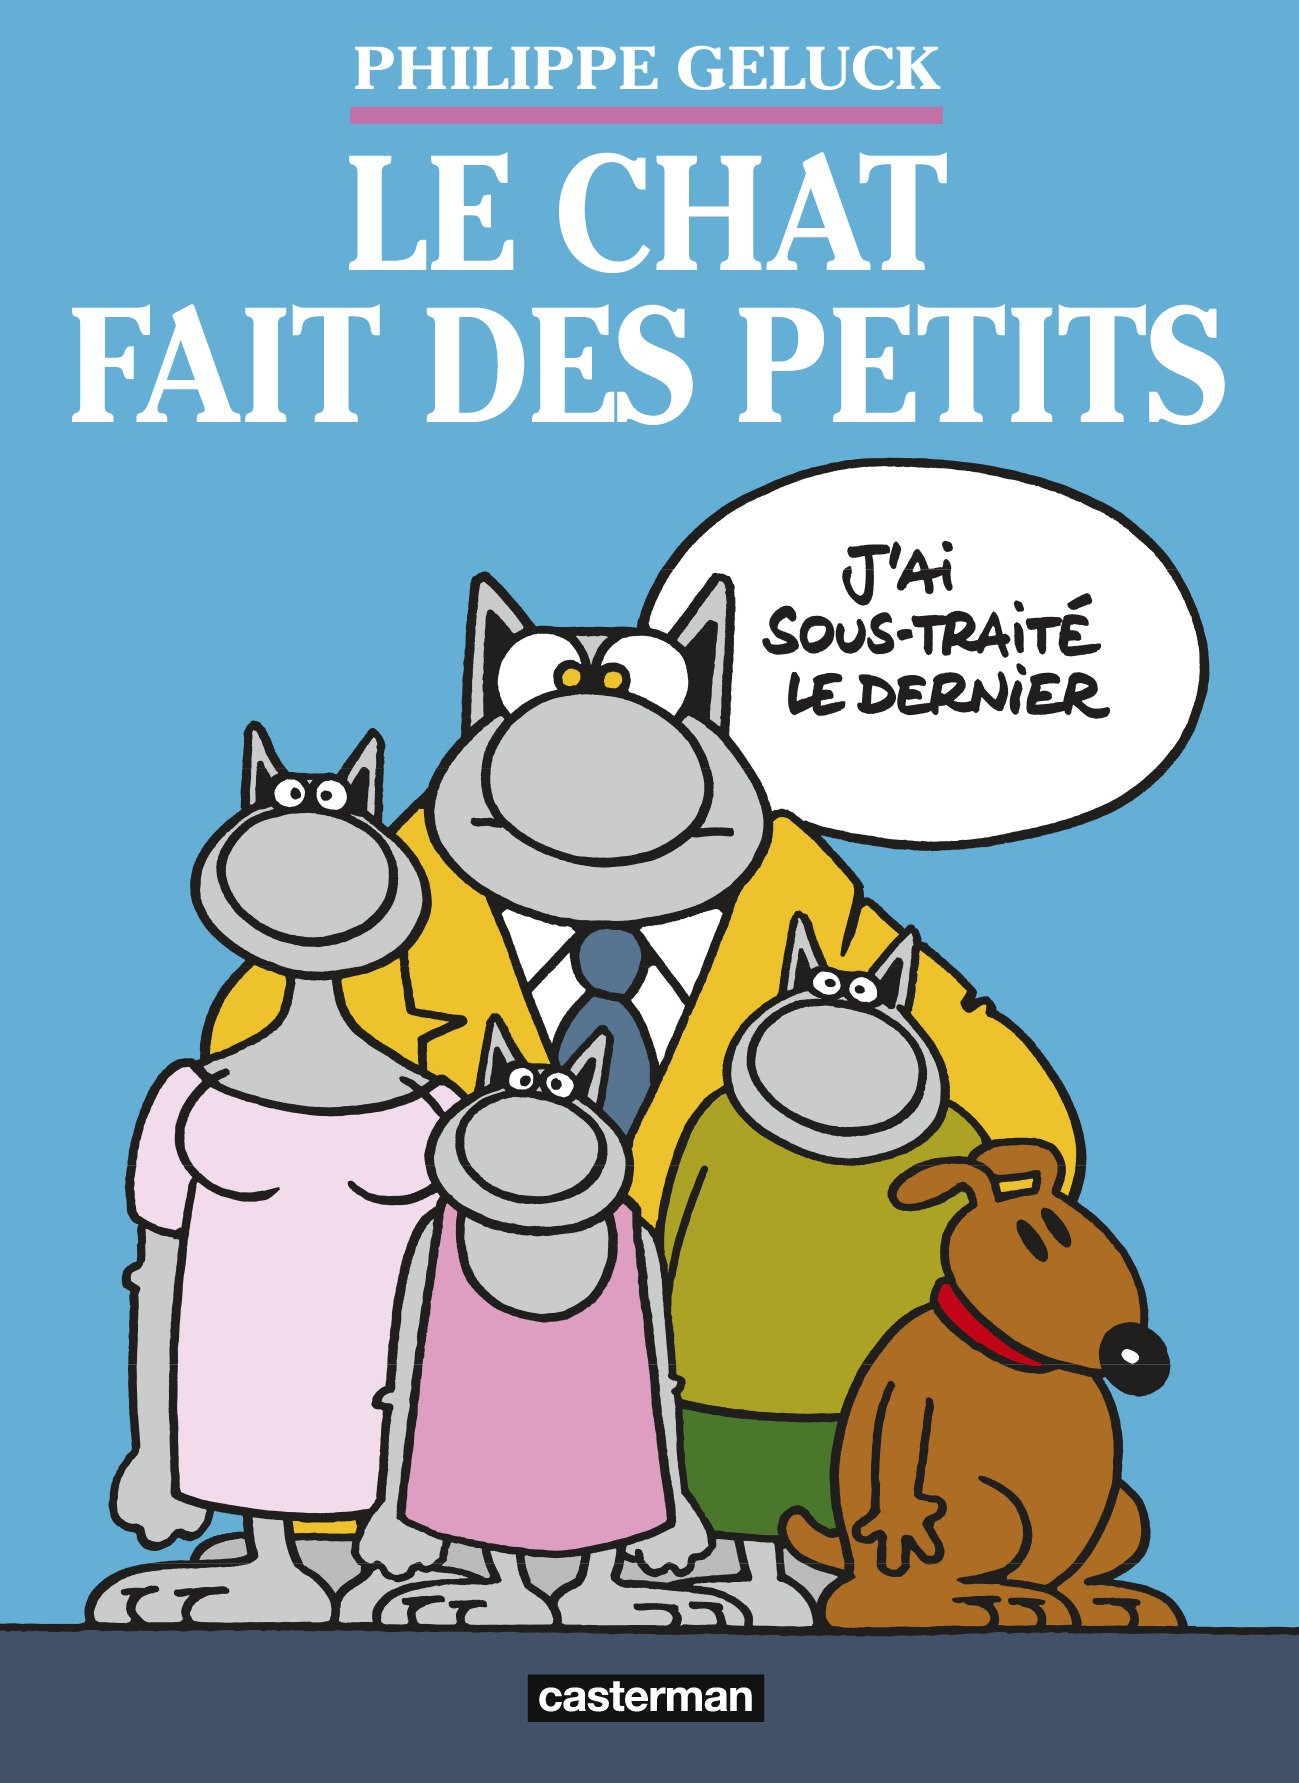 Le chat fait des petits 2c908 - Le Chat de Philippe Geluck... Une vraie cure de jouvence !